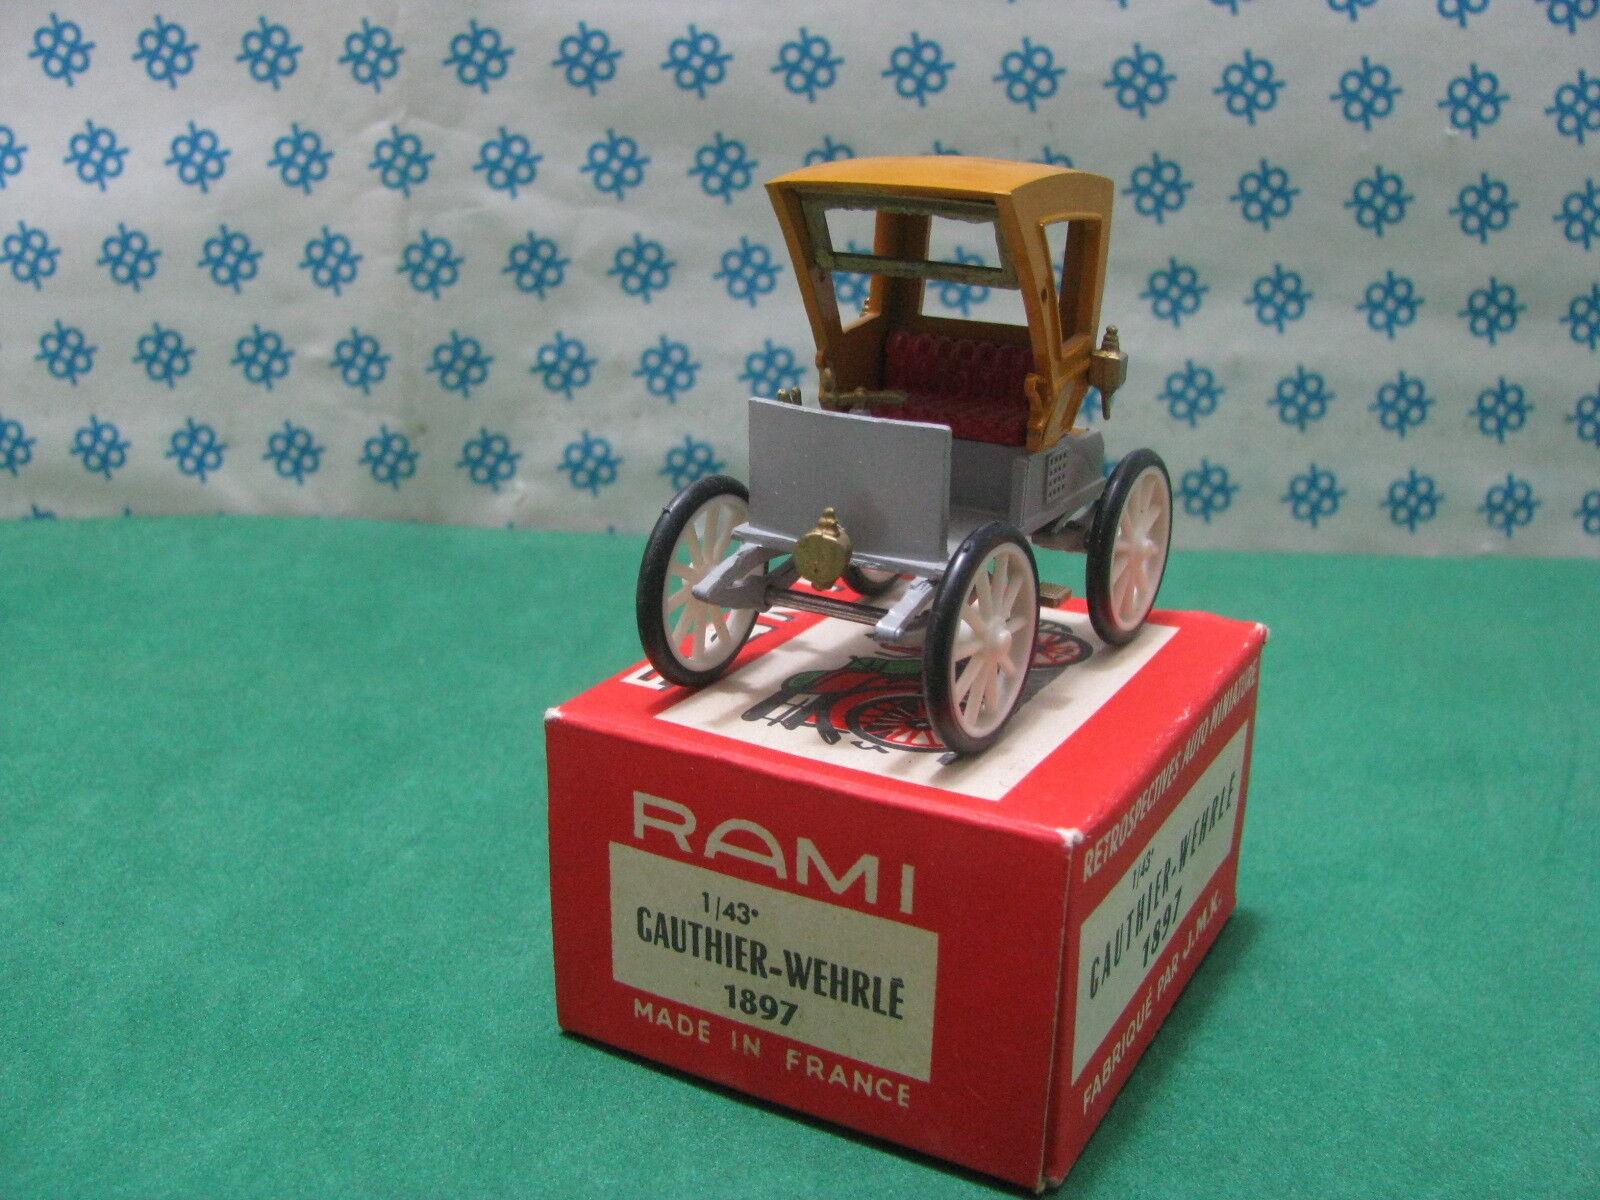 Vintage Rami N°12 - Gauthier-Wehrle 1897 - 1 43 France 1961